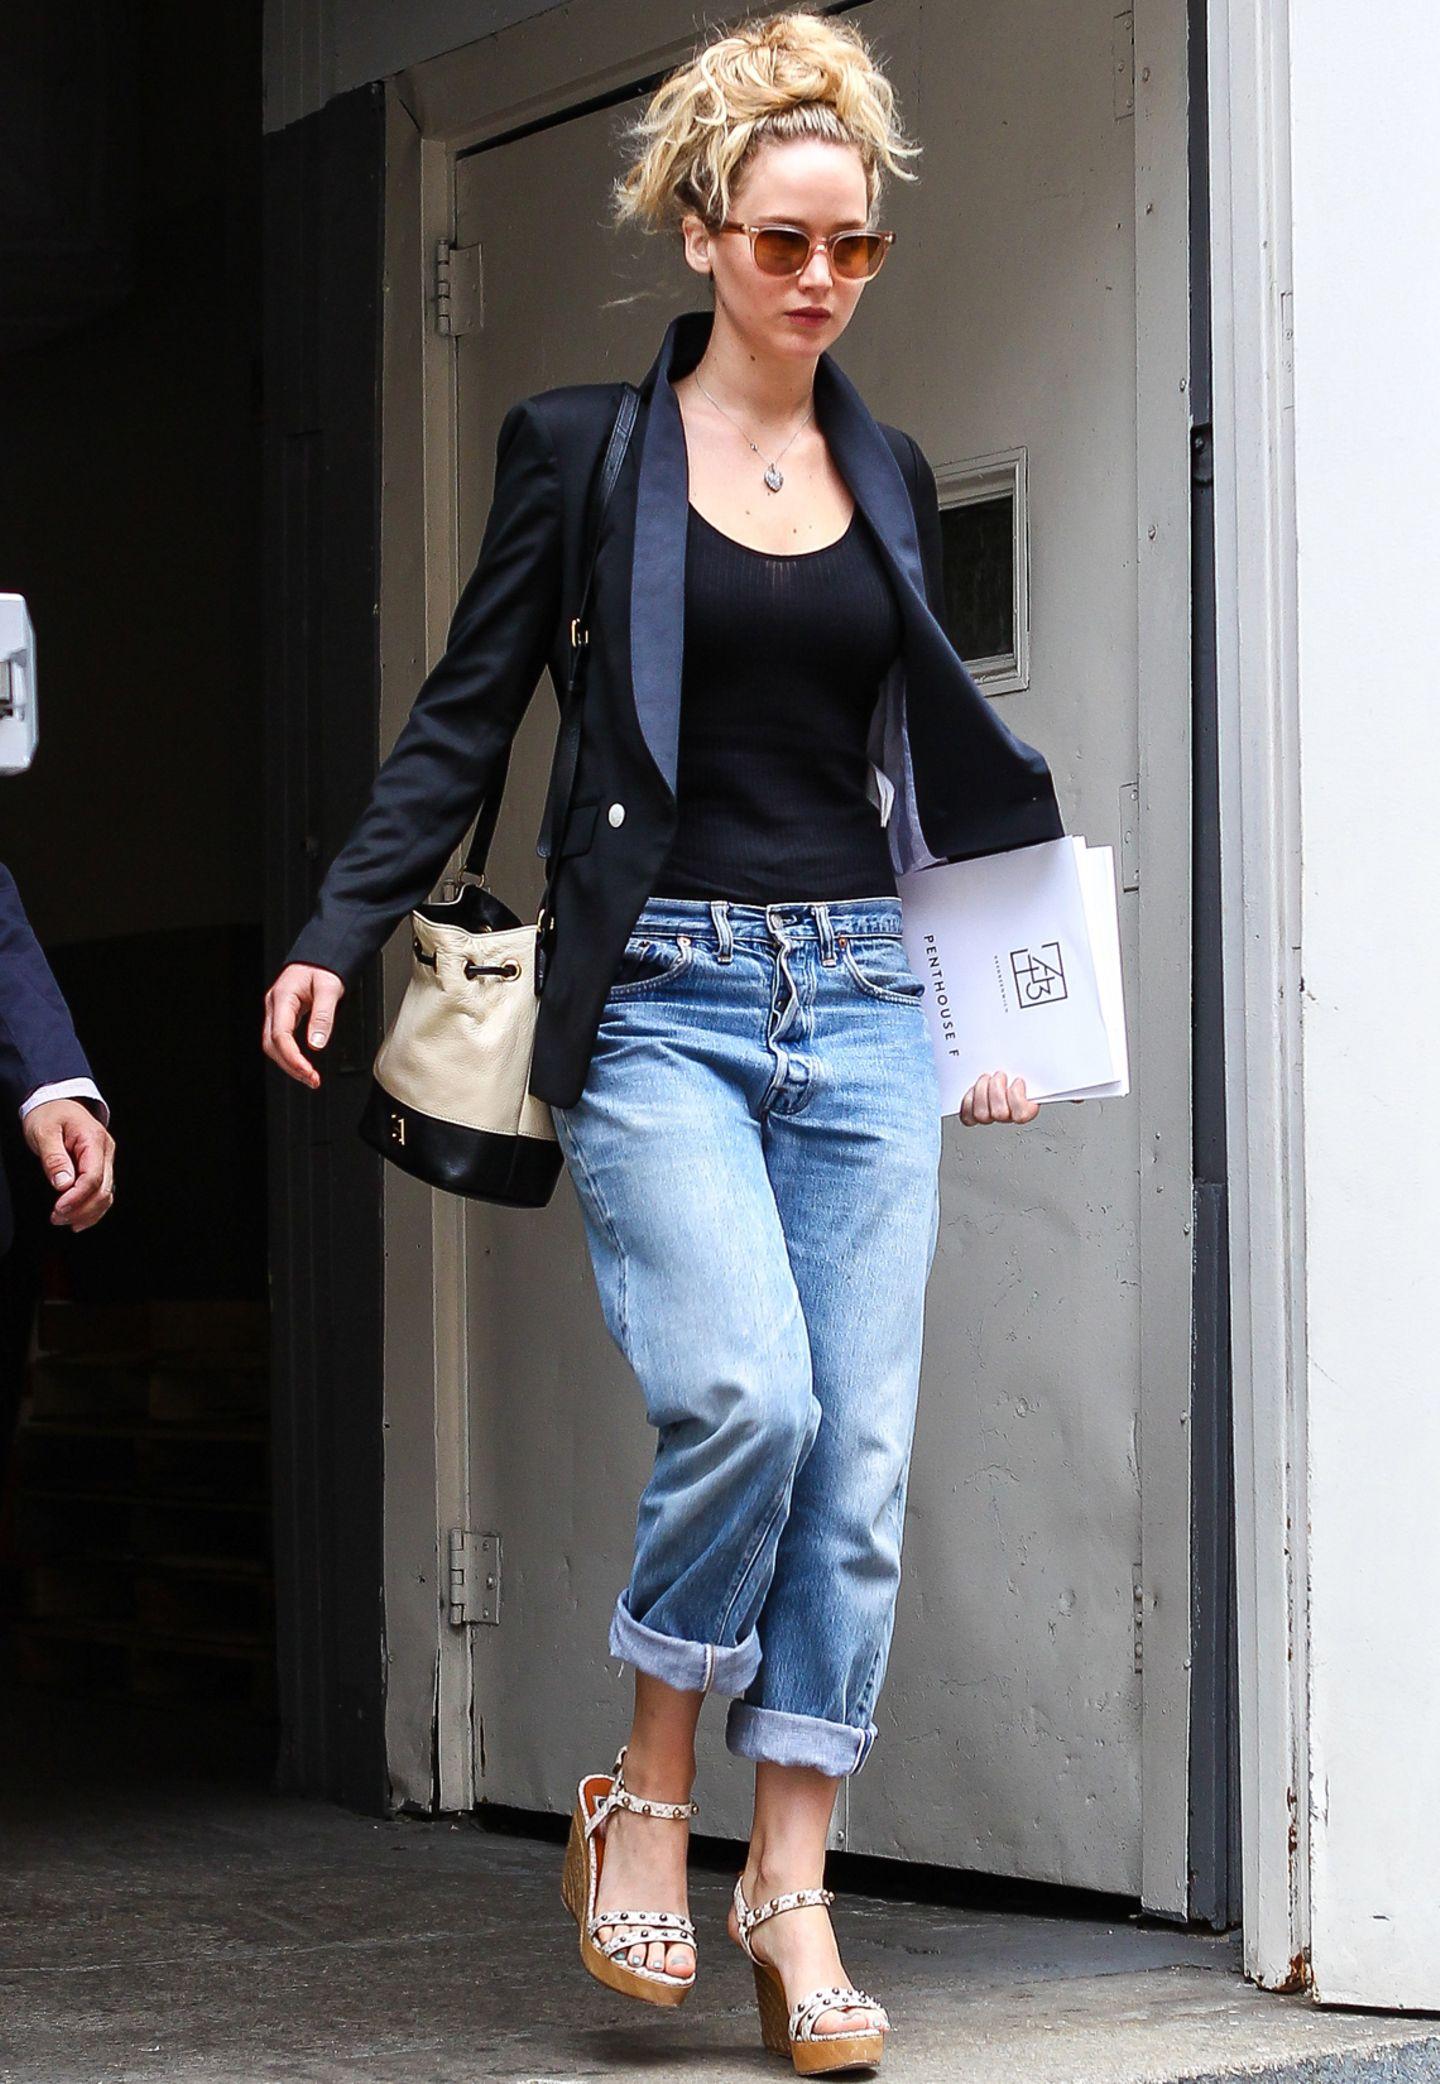 Boyfriend-Jeans zu kombinieren ist gar keine so leichte Angelegenheit. Mit hautengem Top, elegantem Blazer und Nieten-Wedges schafft es Jennifer Lawrence jedoch, einen gewissen Glamour-Faktor zu versprühen. Lässig wird es dann wieder bei ihrem lockigen Undone-Pferdeschwanz.